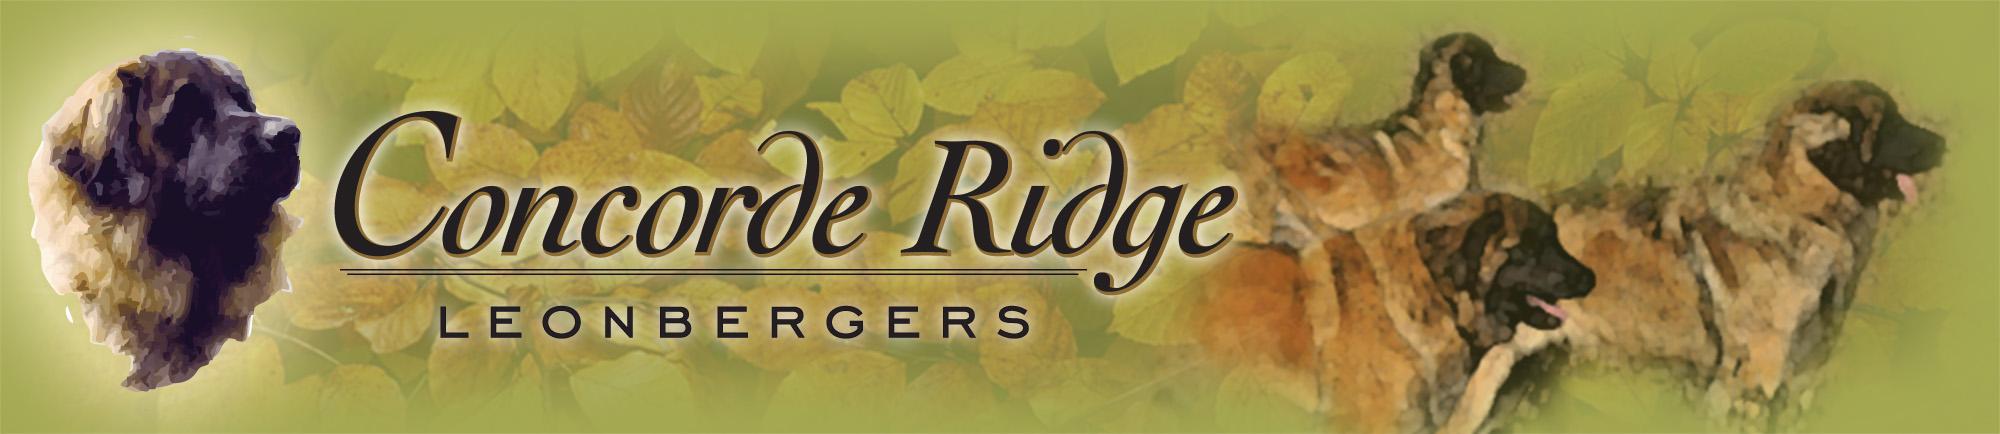 Concorde Ridge Leonbergers